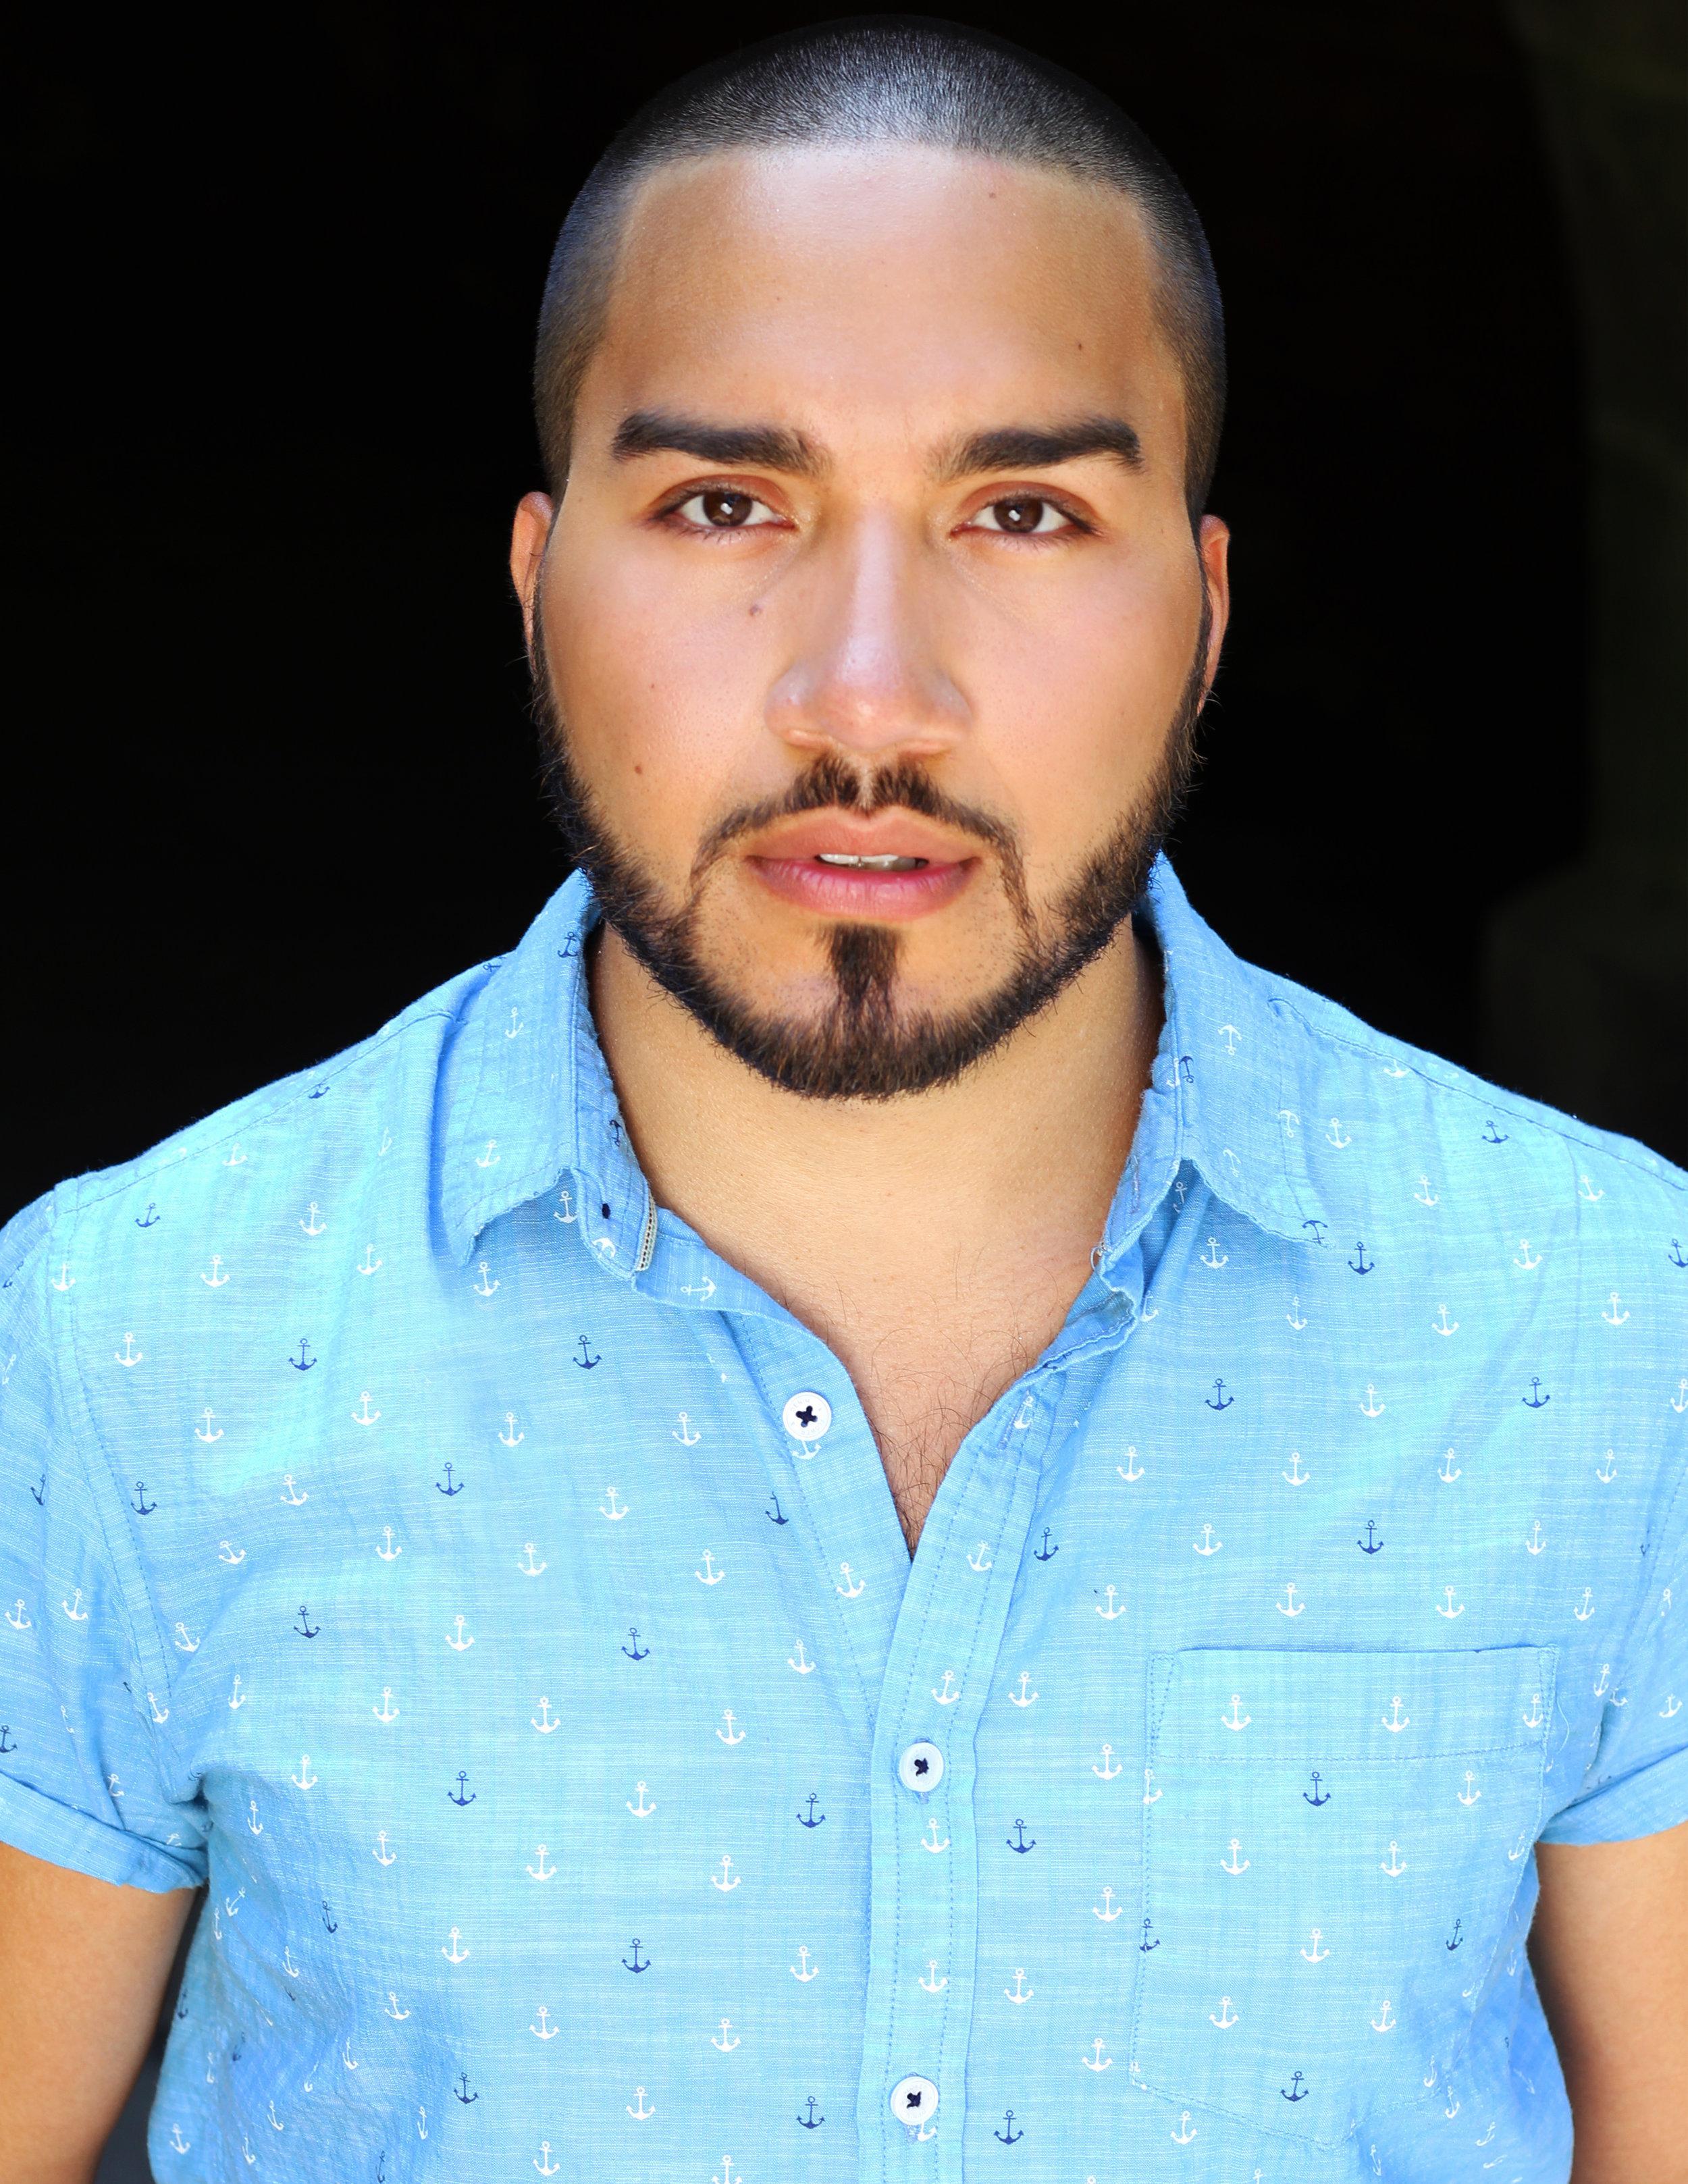 Luis Headshots 3.jpg